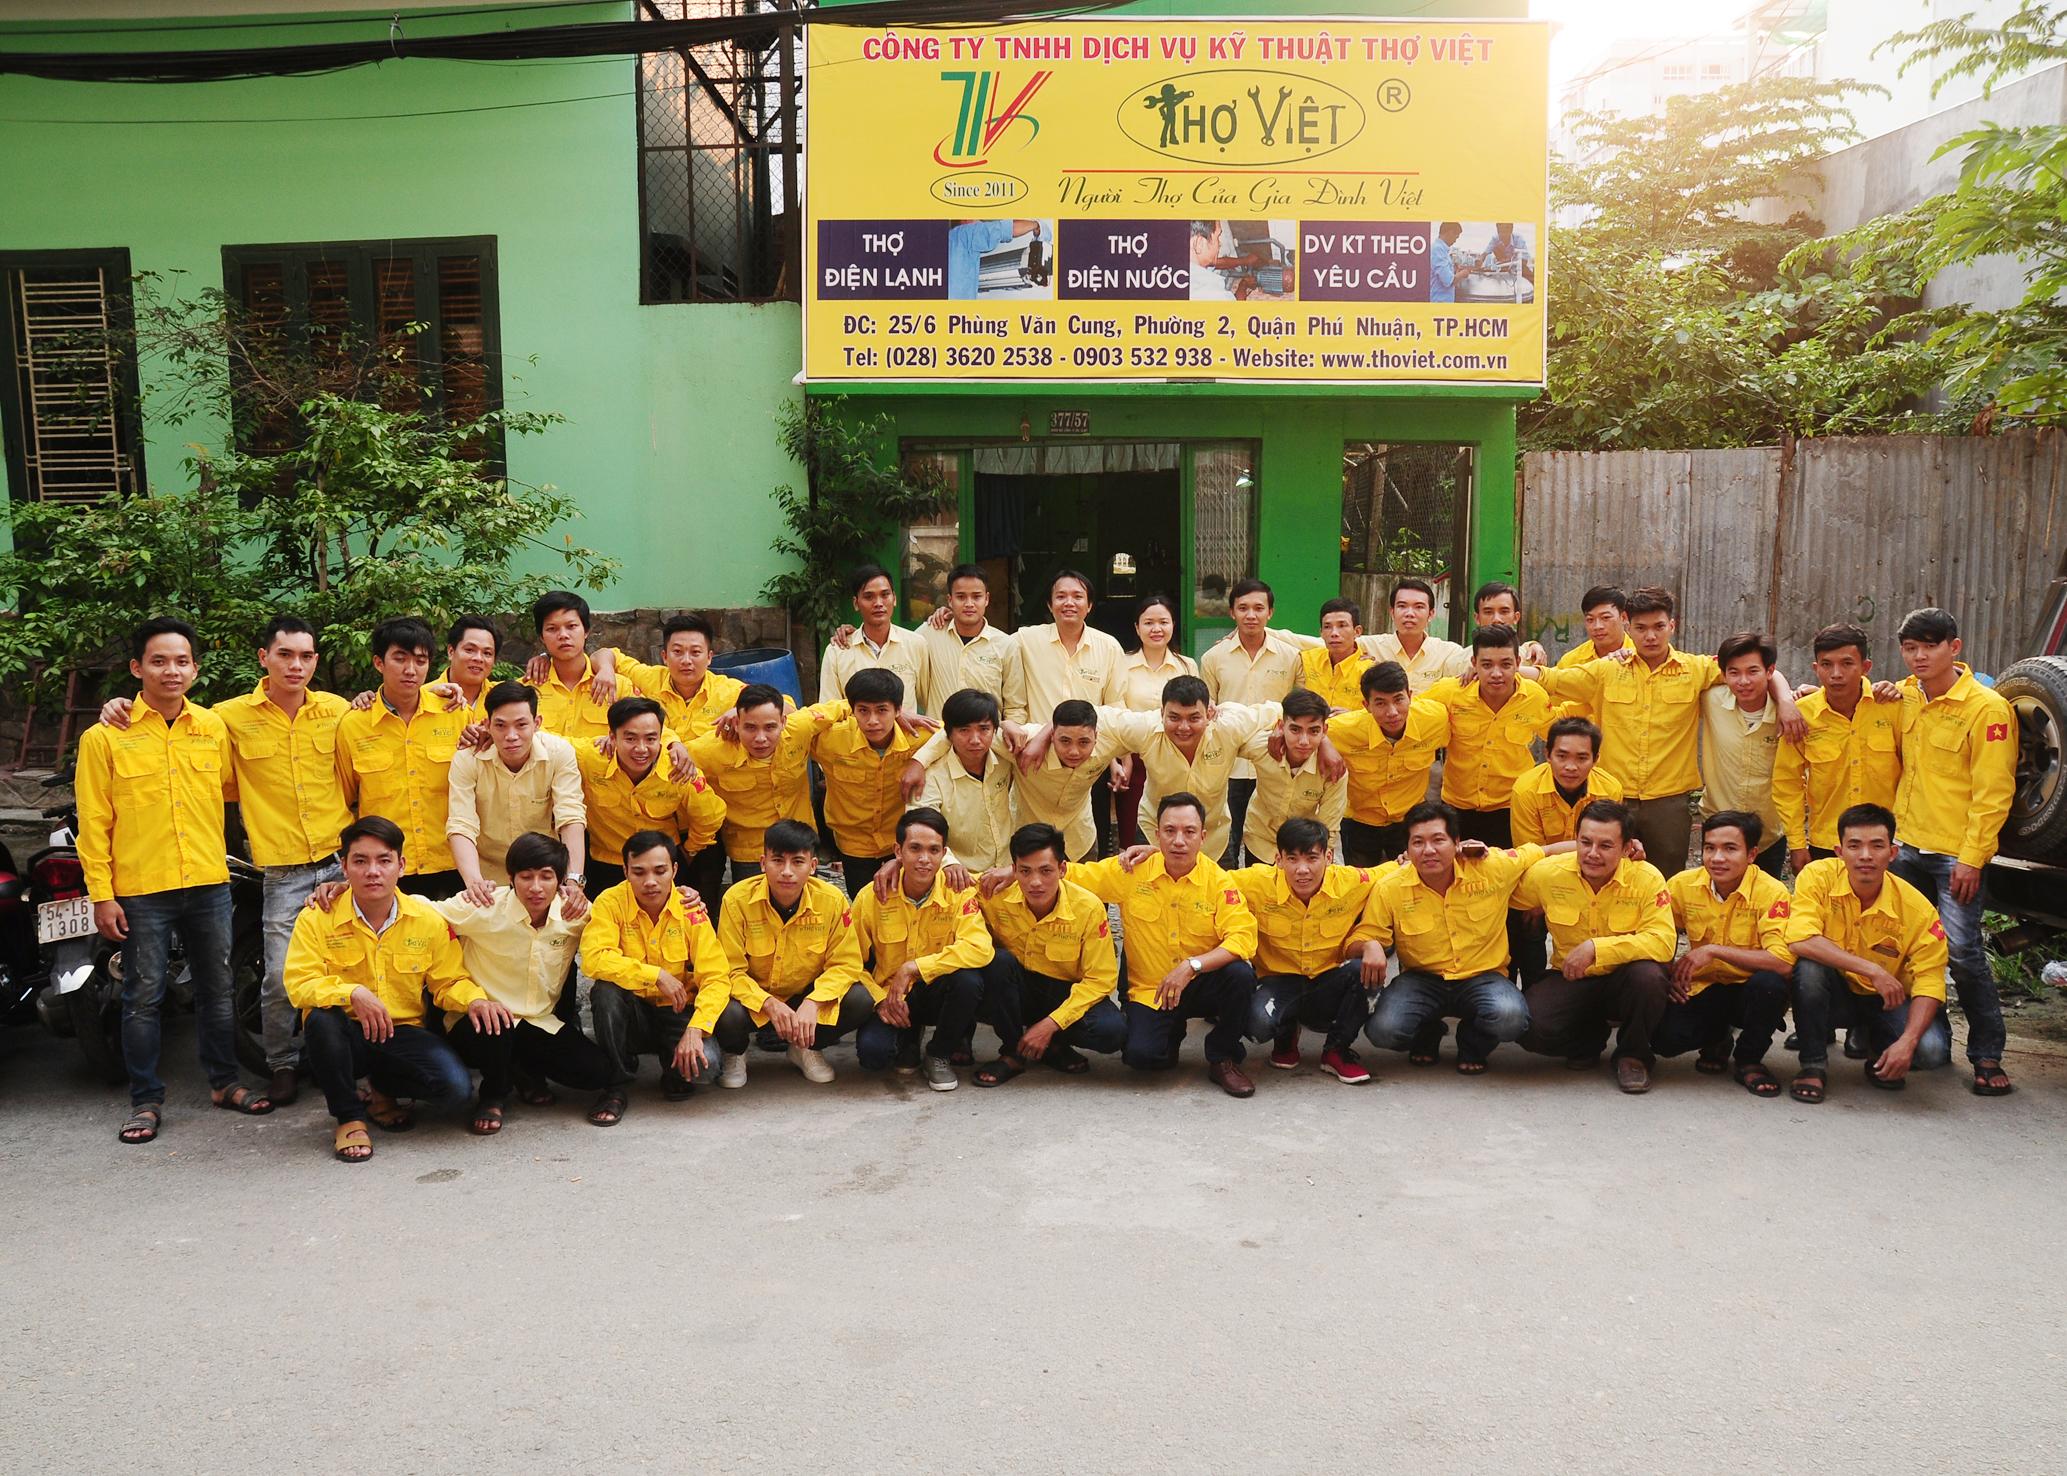 Thợ Việt - Sửa chữa máy lạnh dân dụng chuyên nghiệp